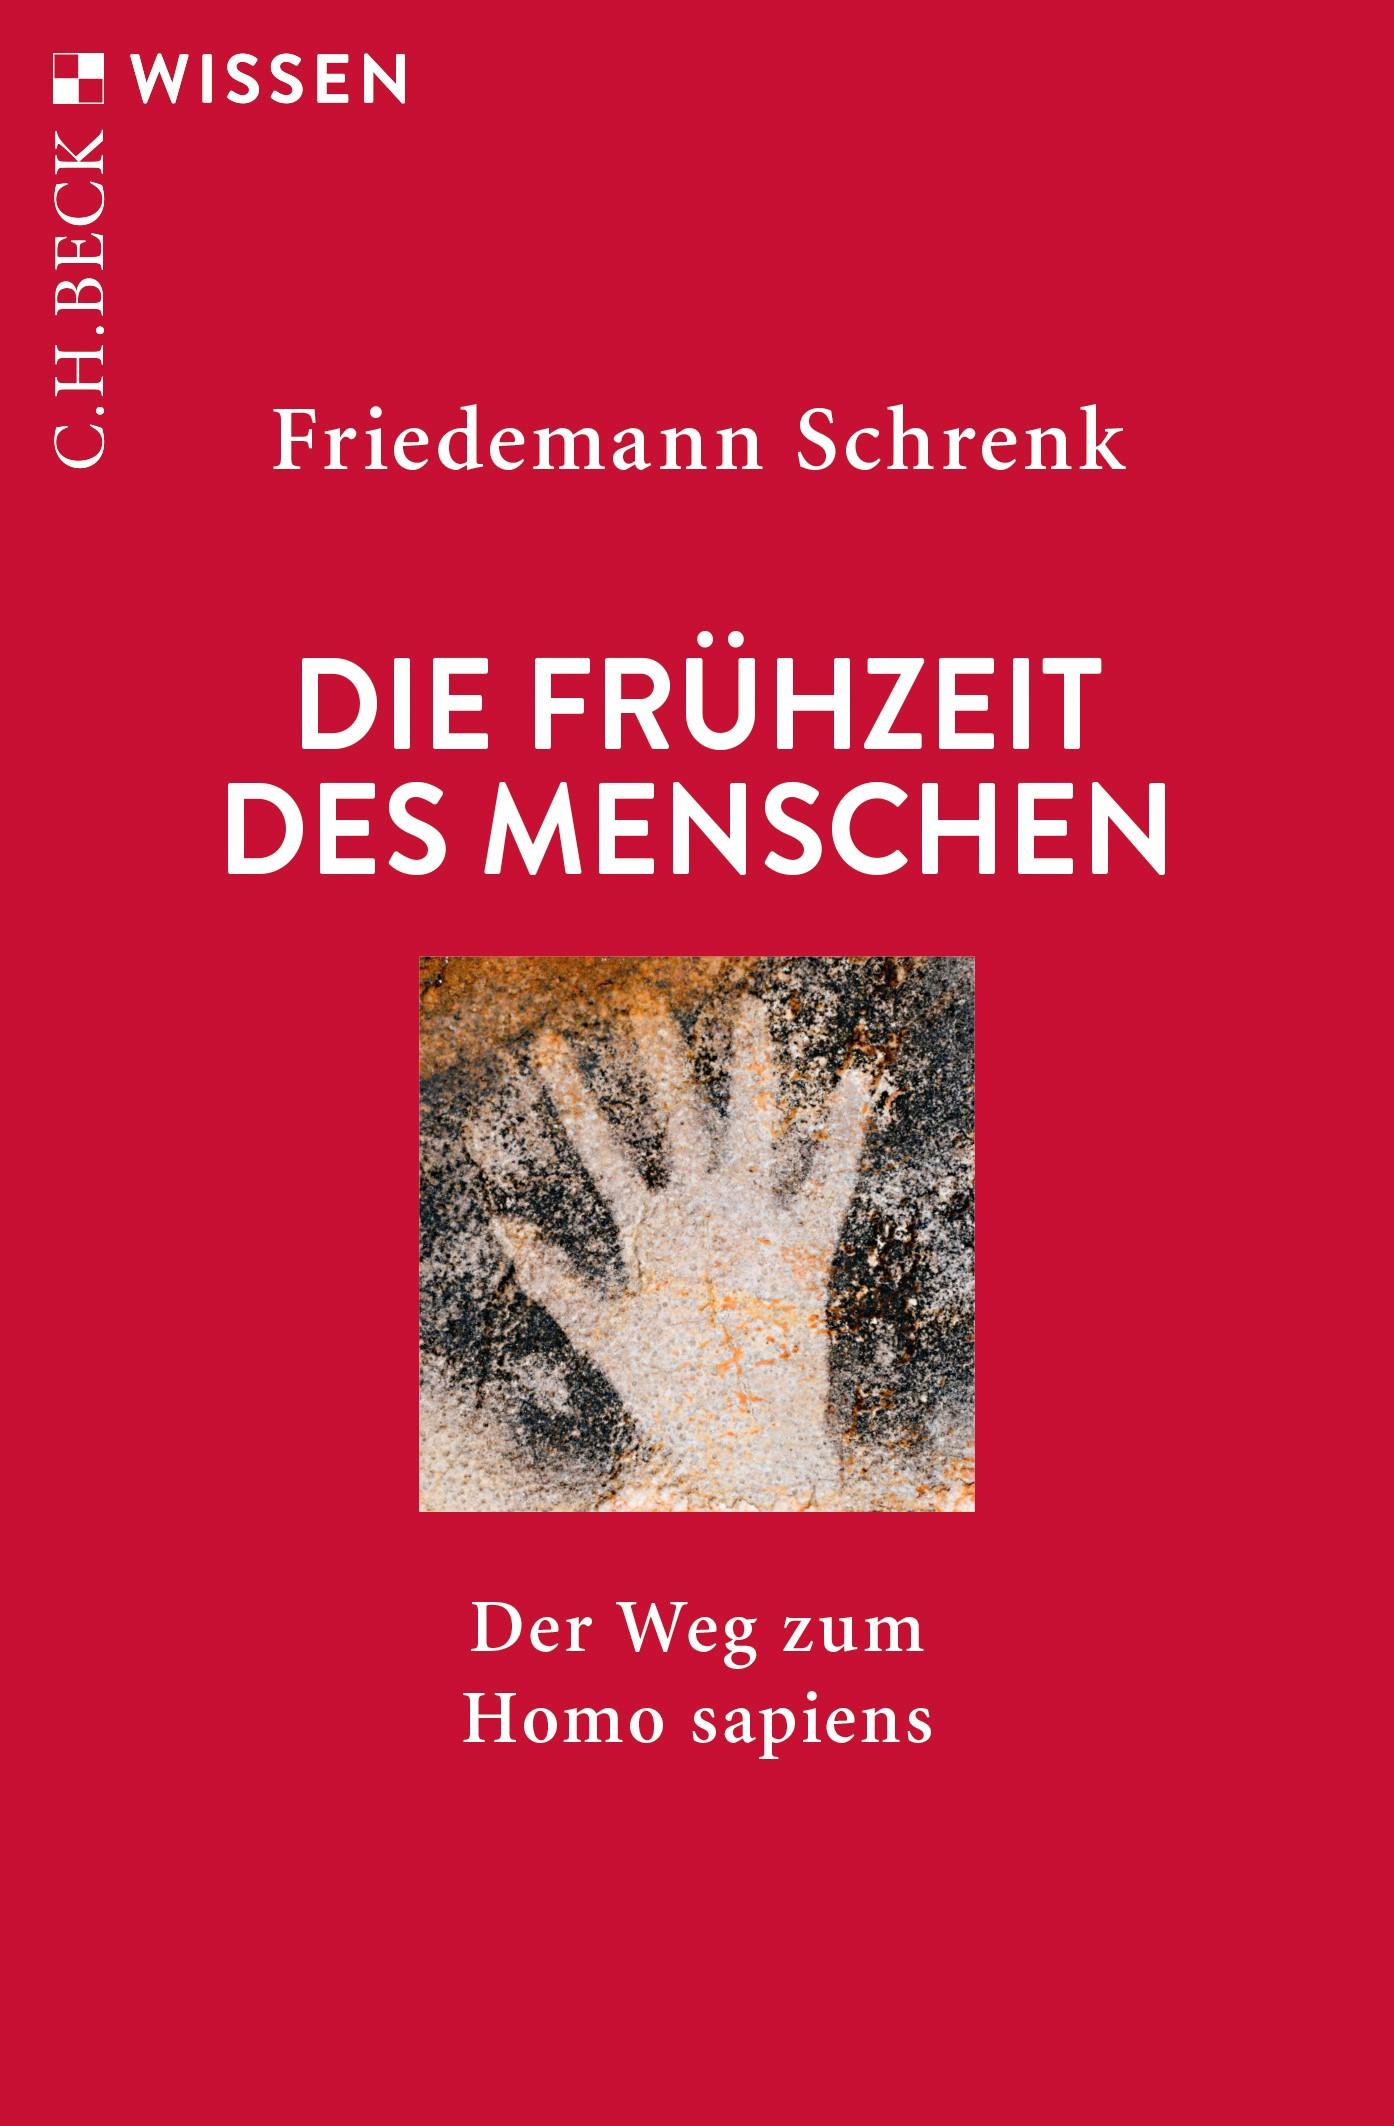 Die Frühzeit des Menschen | Schrenk, Friedemann | 6., vollständig überarbeitete Auflage, 2019 | Buch (Cover)